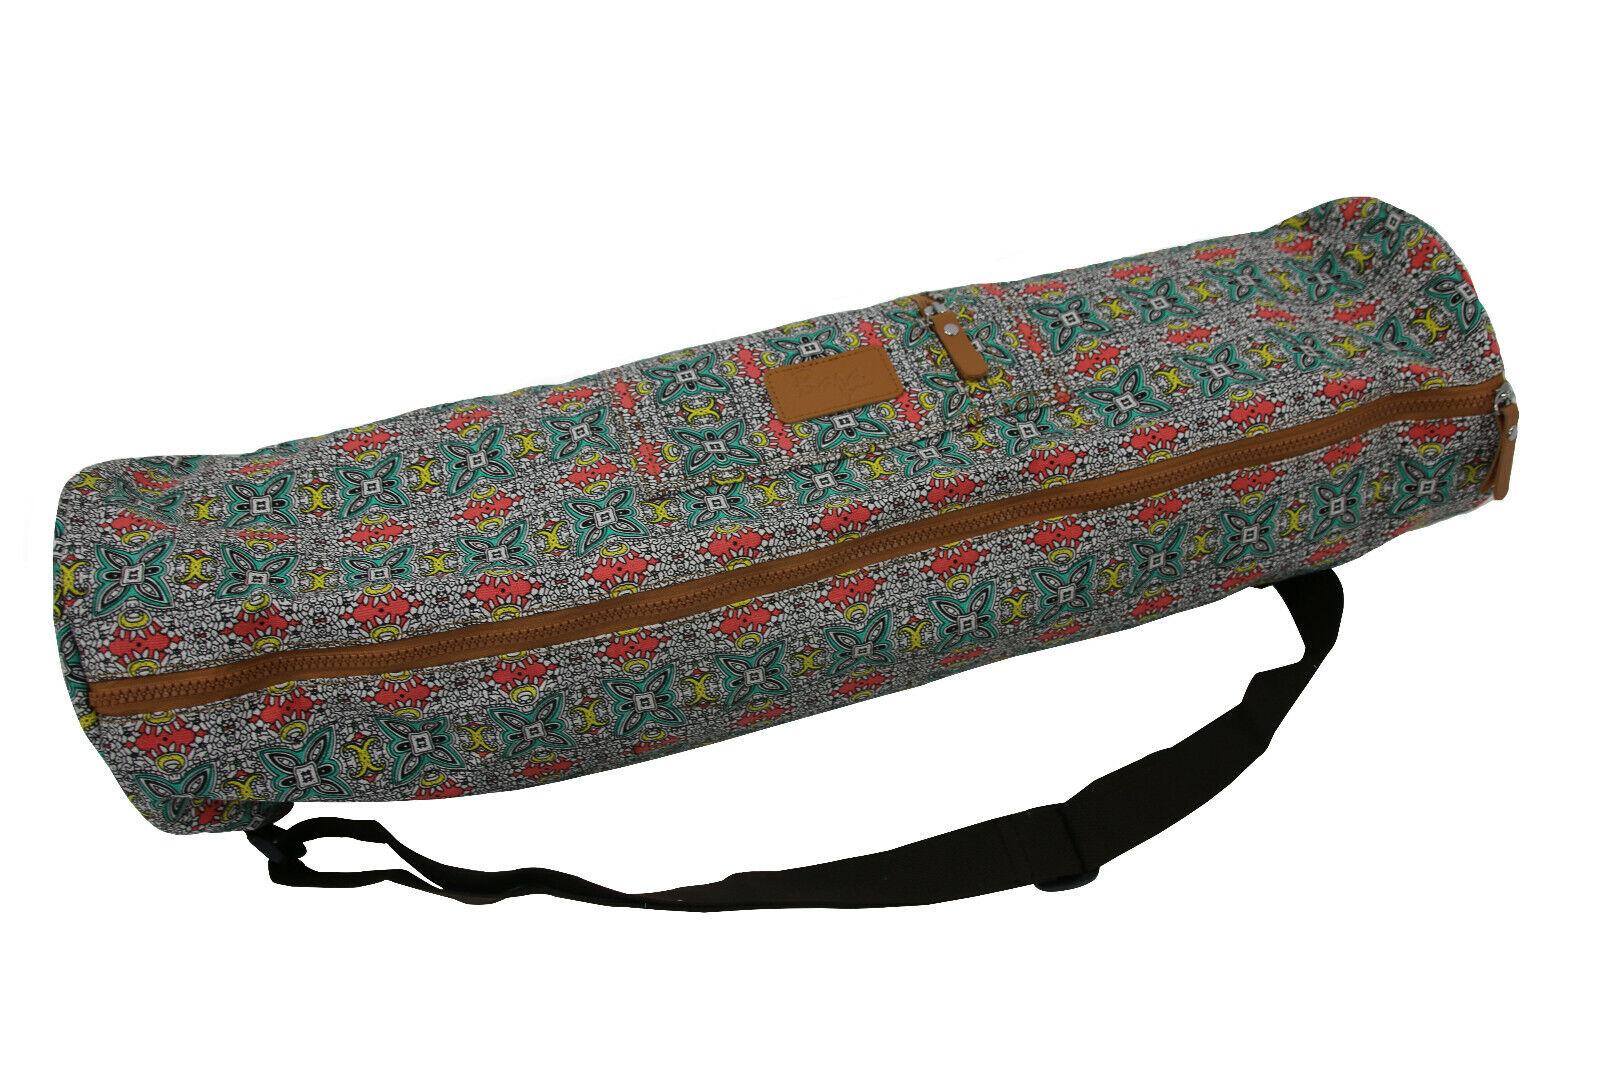 sol yoga mat carrier bag with shoulder